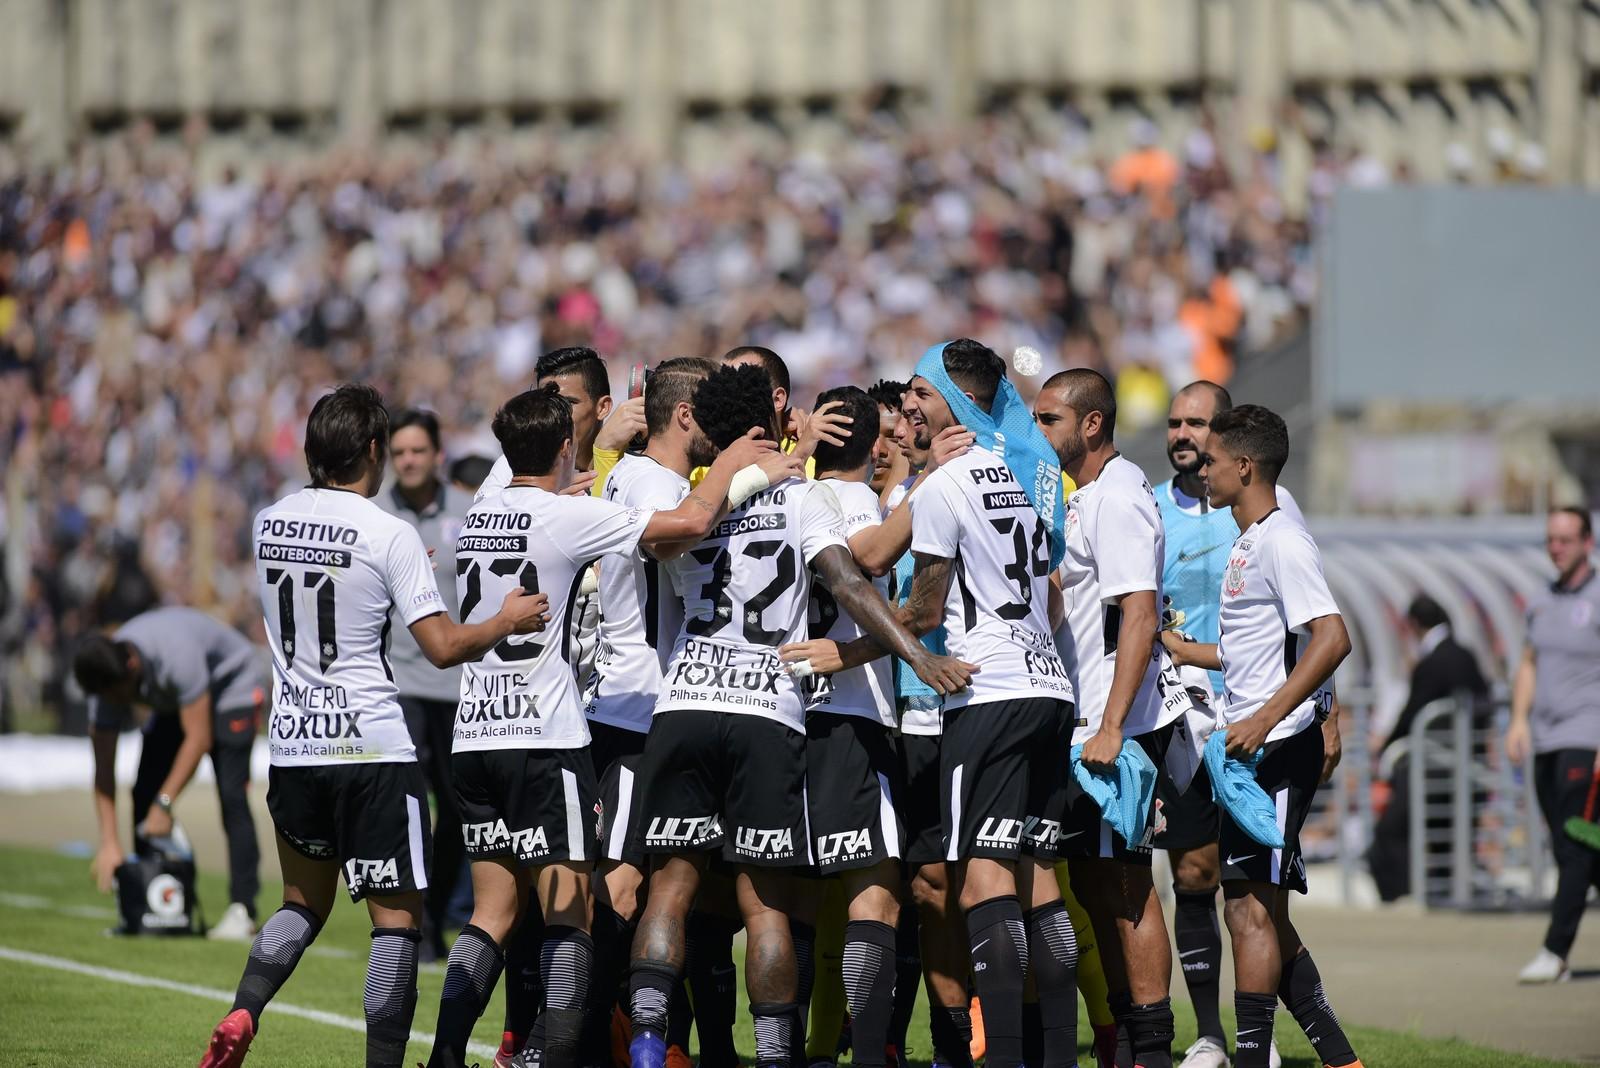 Atuações do Corinthians: Sidcley faz jogo impecável, e Rodriguinho marca mais um